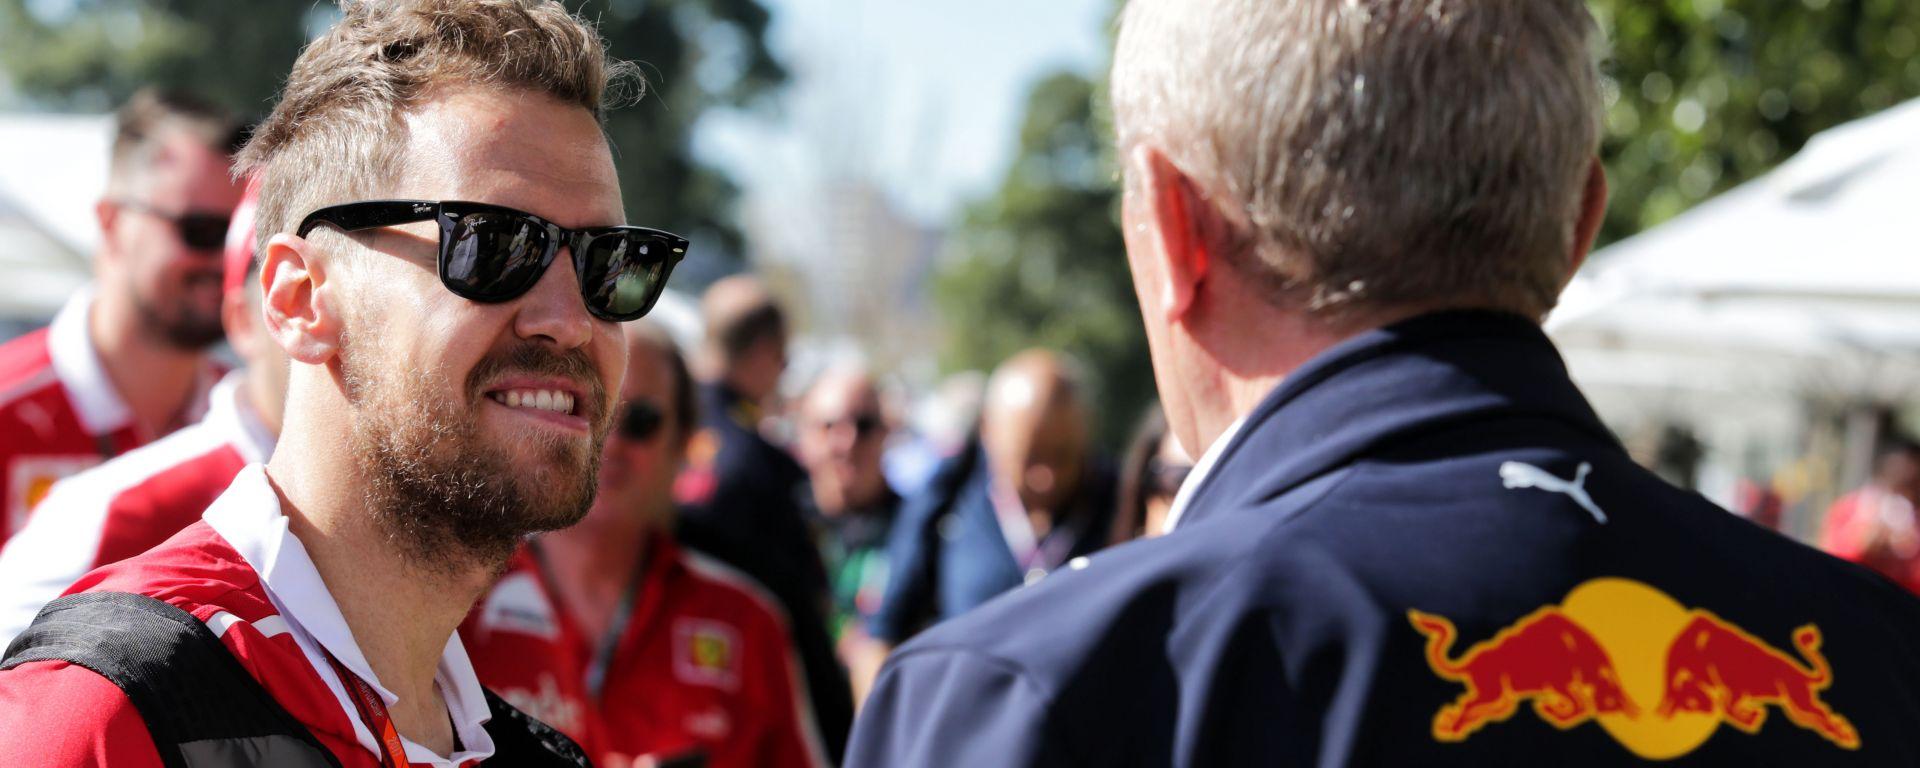 F1: Sebastian Vettel (Ferrari) ed Helmut Marko (Red Bull)